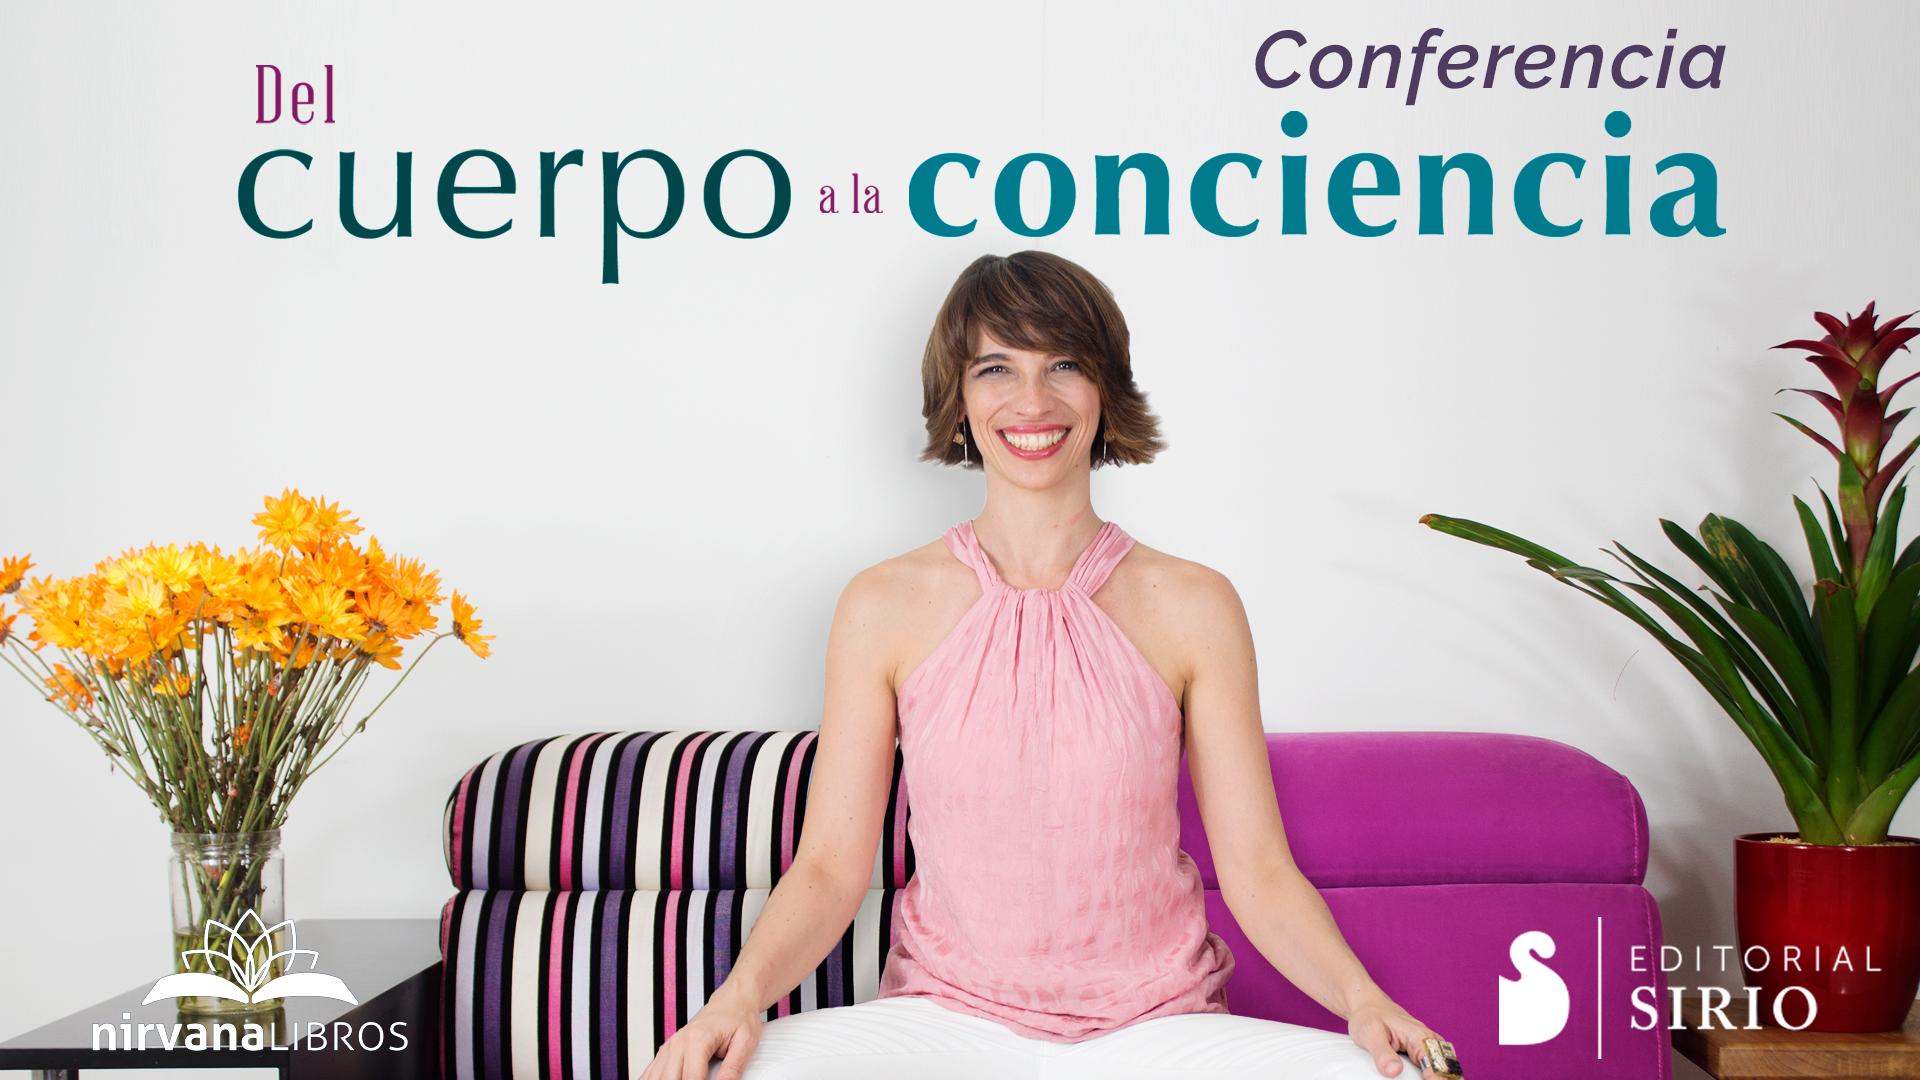 Del cuerpo a la consciencia – Conferencia en CDMX